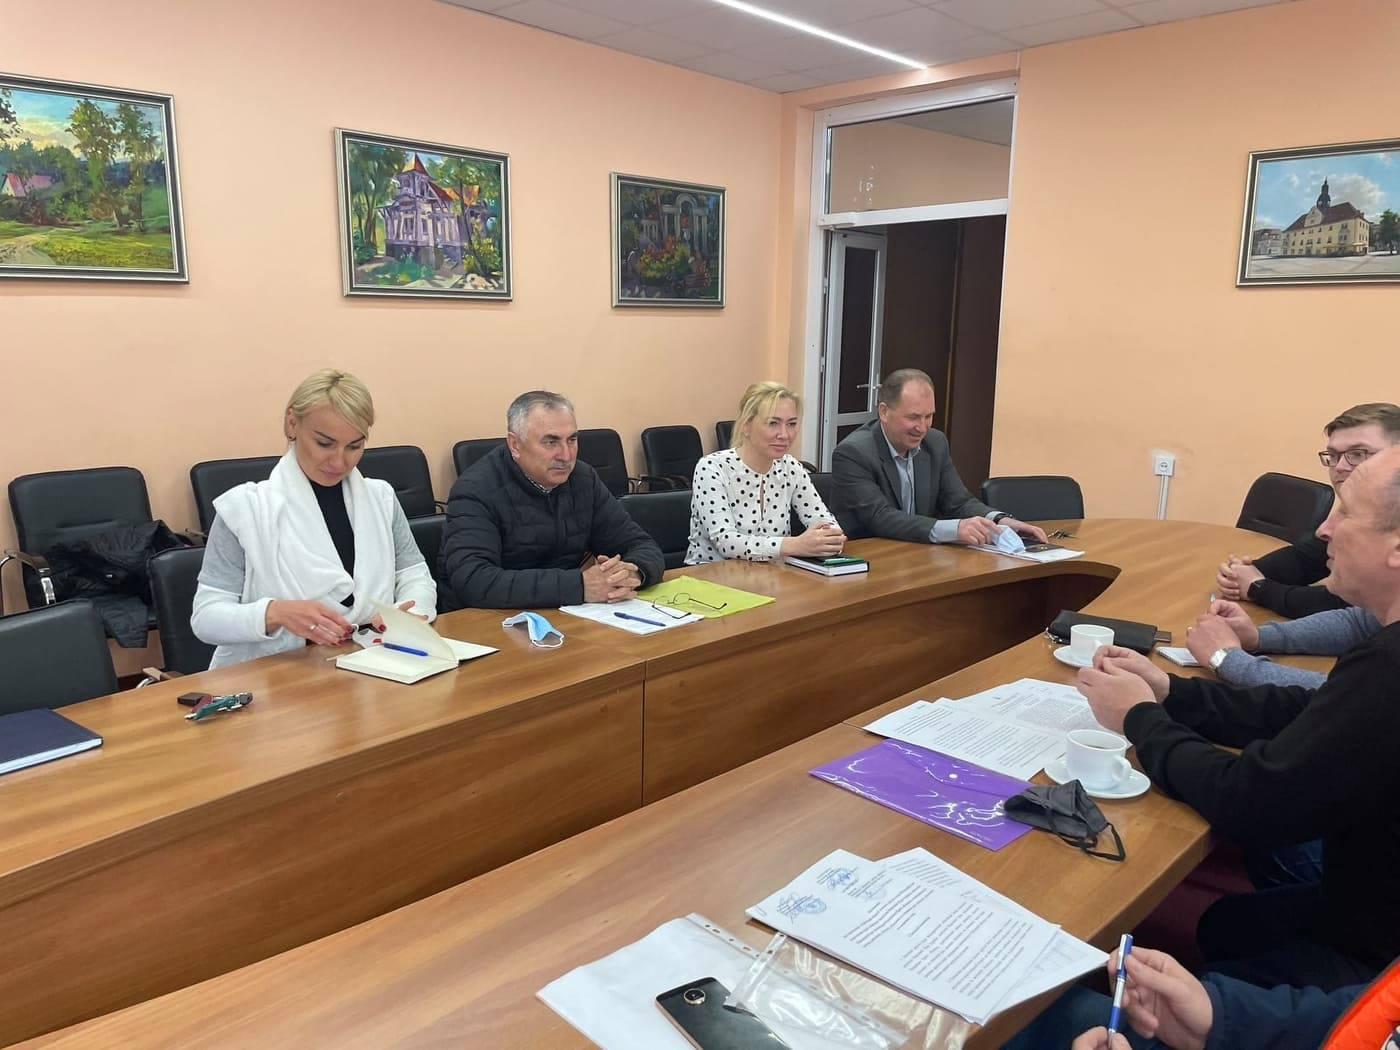 ІІ етап всеукраїнської спартакіади. Засідання оргкомітету, Ірпінь. Фото